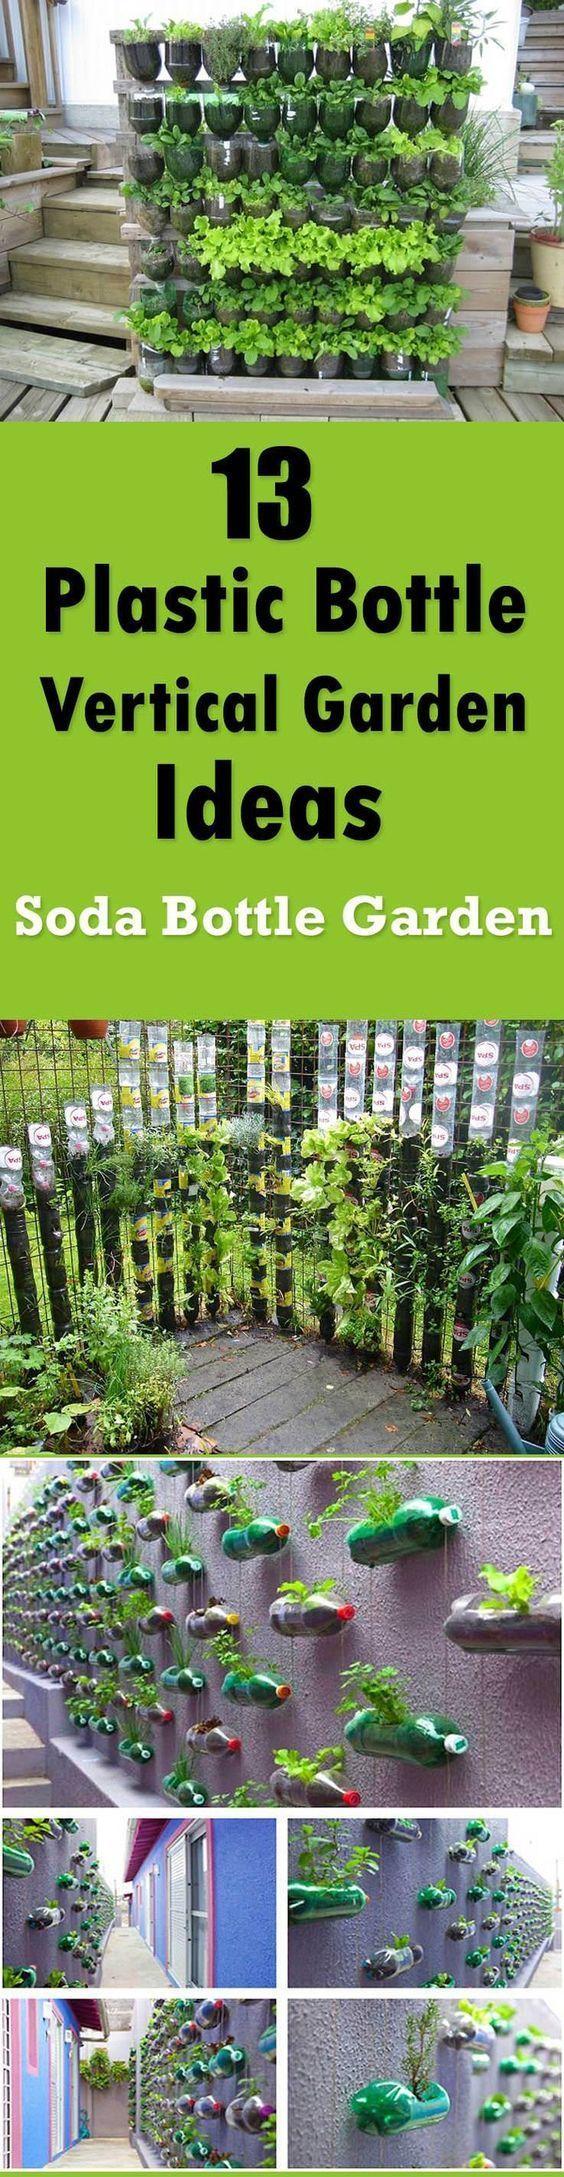 Creative Garden Design 134 best garden design ideas images on pinterest   creative garden